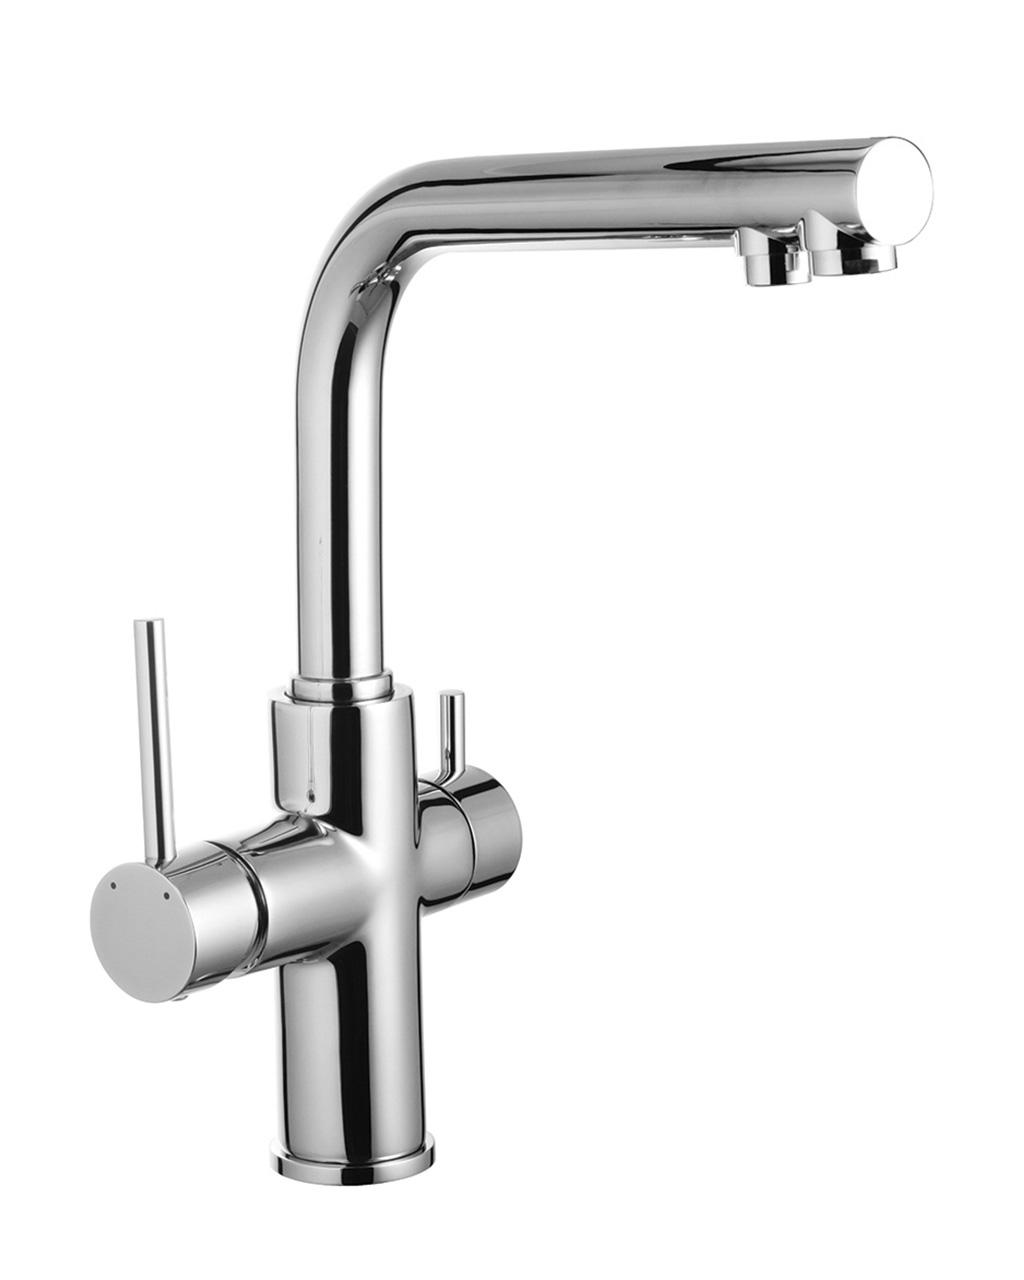 Змішувач для кухні Imprese DAICY змішувач з підключенням питної води 55009-F